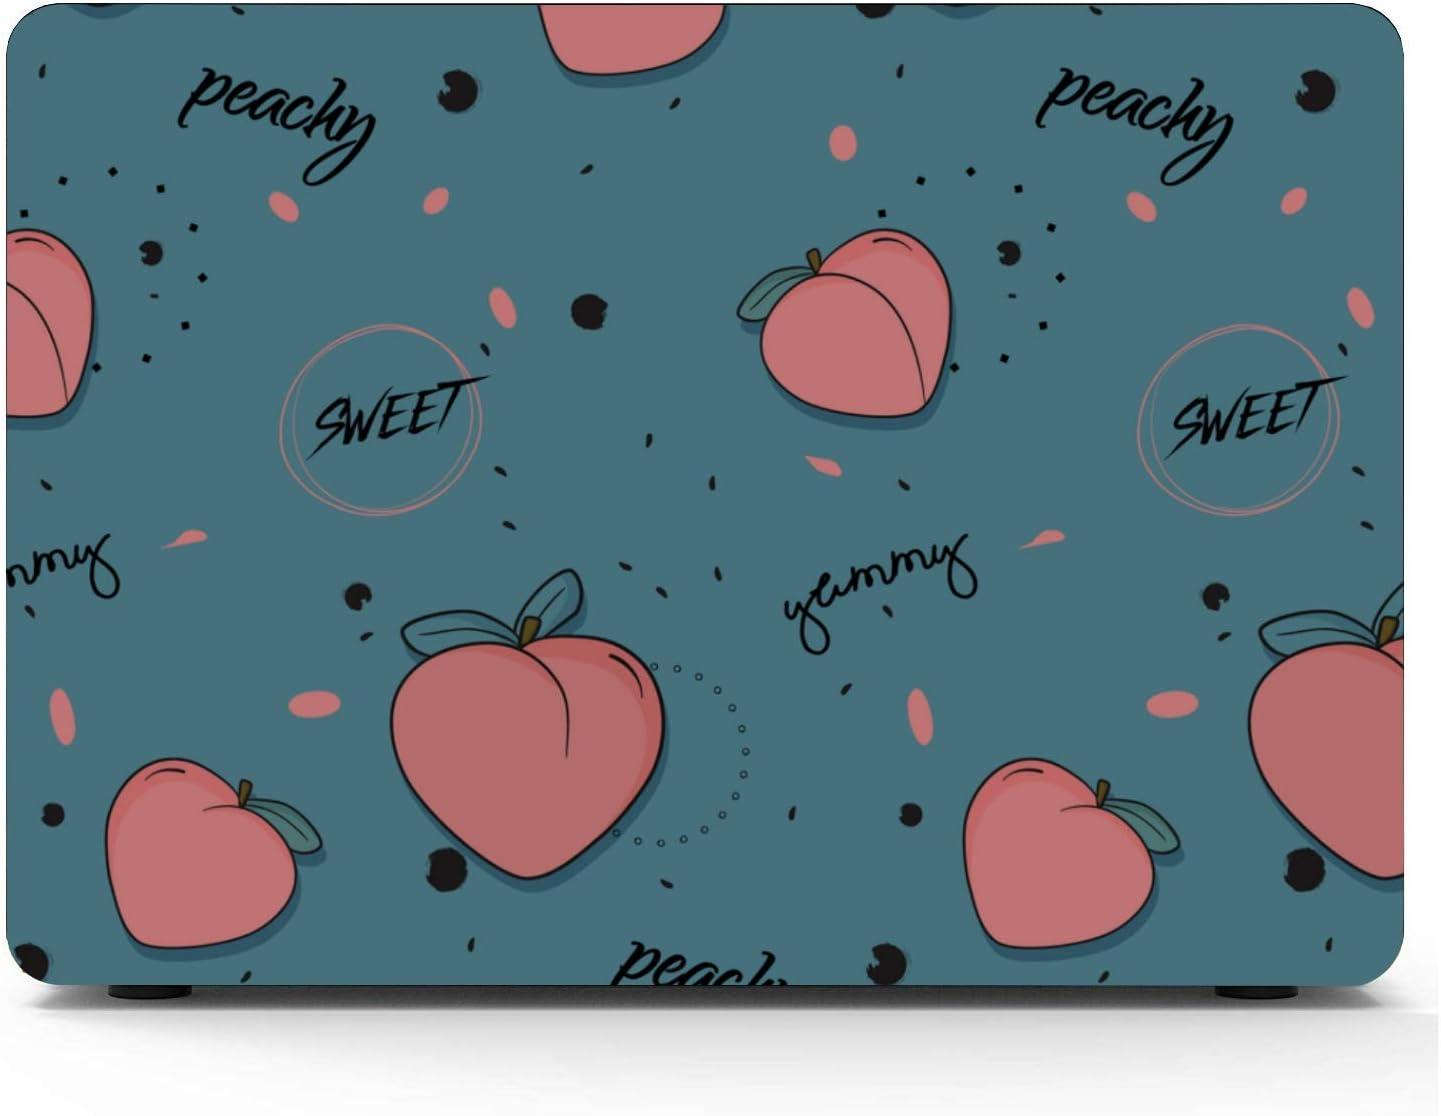 Mac Air Case Summer Pink Creative Fruit Peach Plastic Hard Shell Compatible Mac Air 11 Pro 13 15 MacBook Pro Protective Case Protection for MacBook 2016-2019 Version